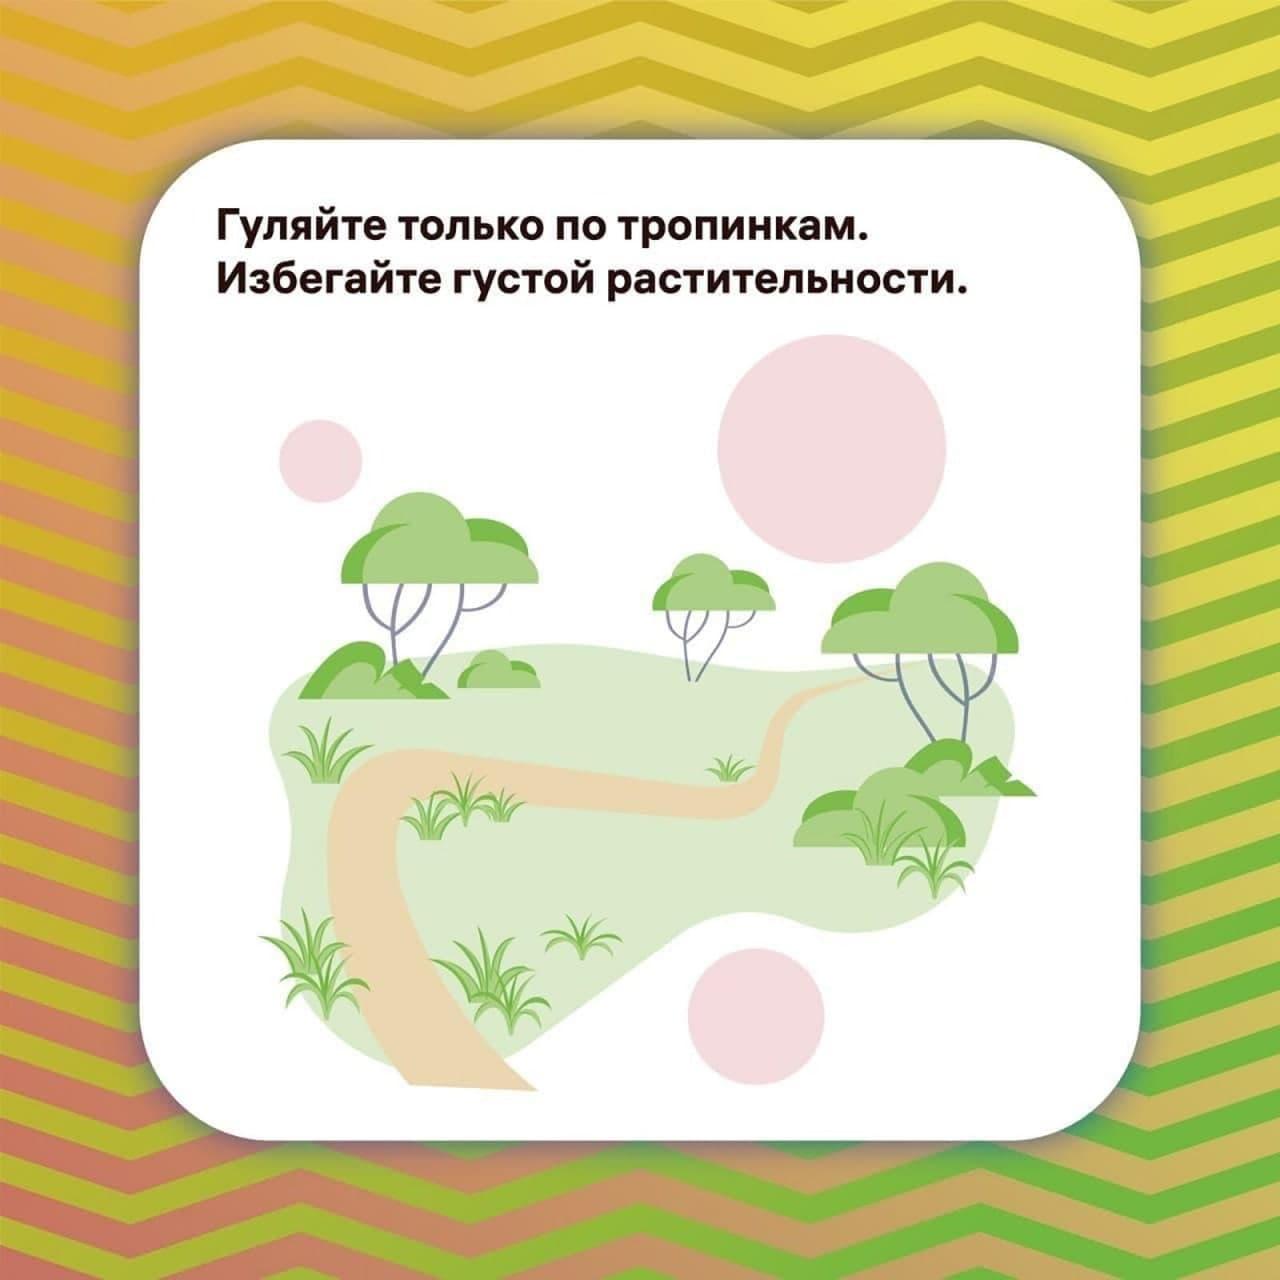 Клещи обитают в высокой траве